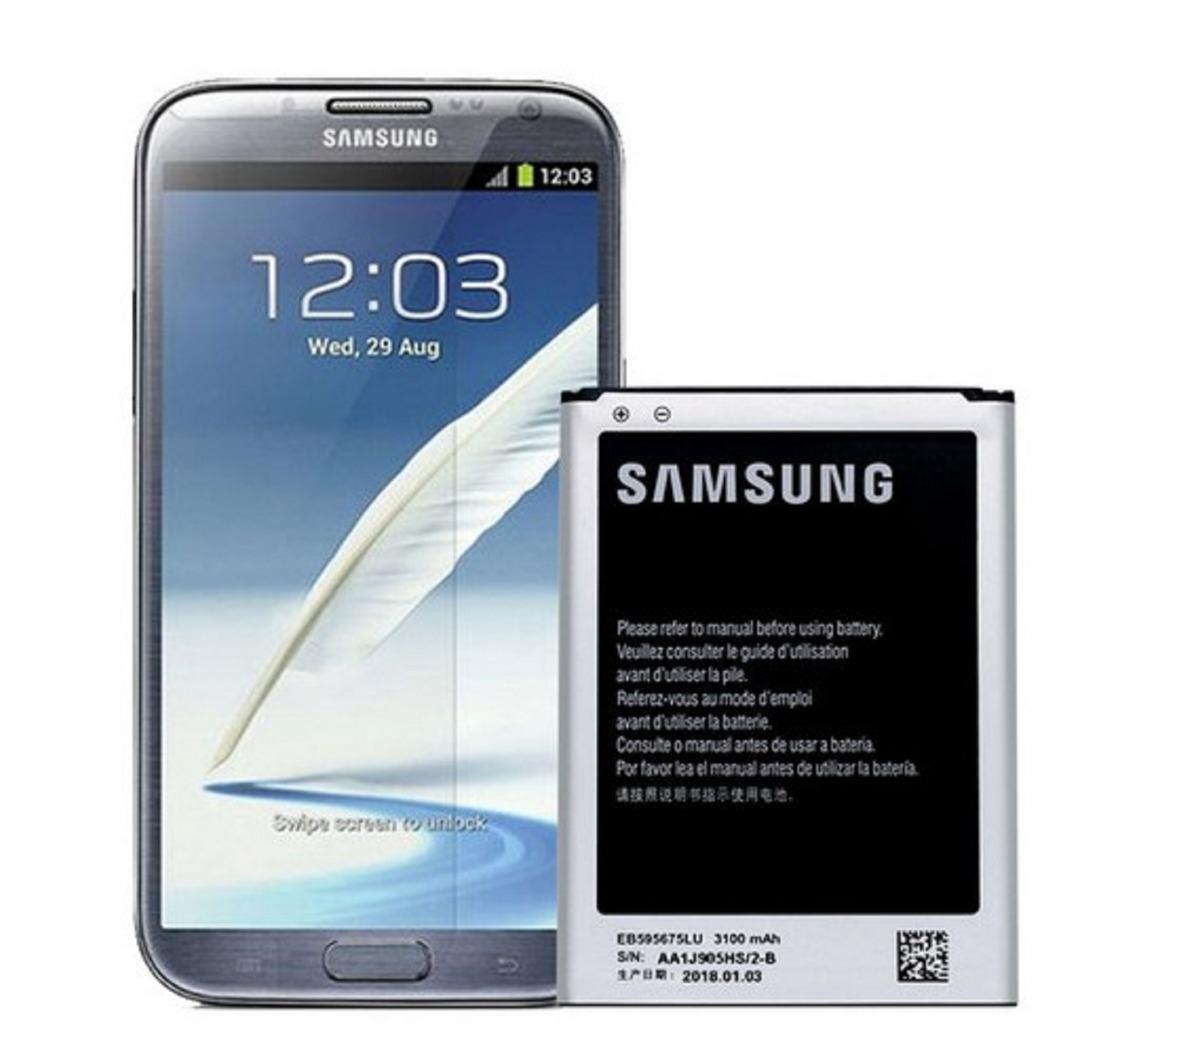 720af62c2f2 Batería Samsung Note 2 Eb-595675lu Original Nueva - $ 60.000 en ...